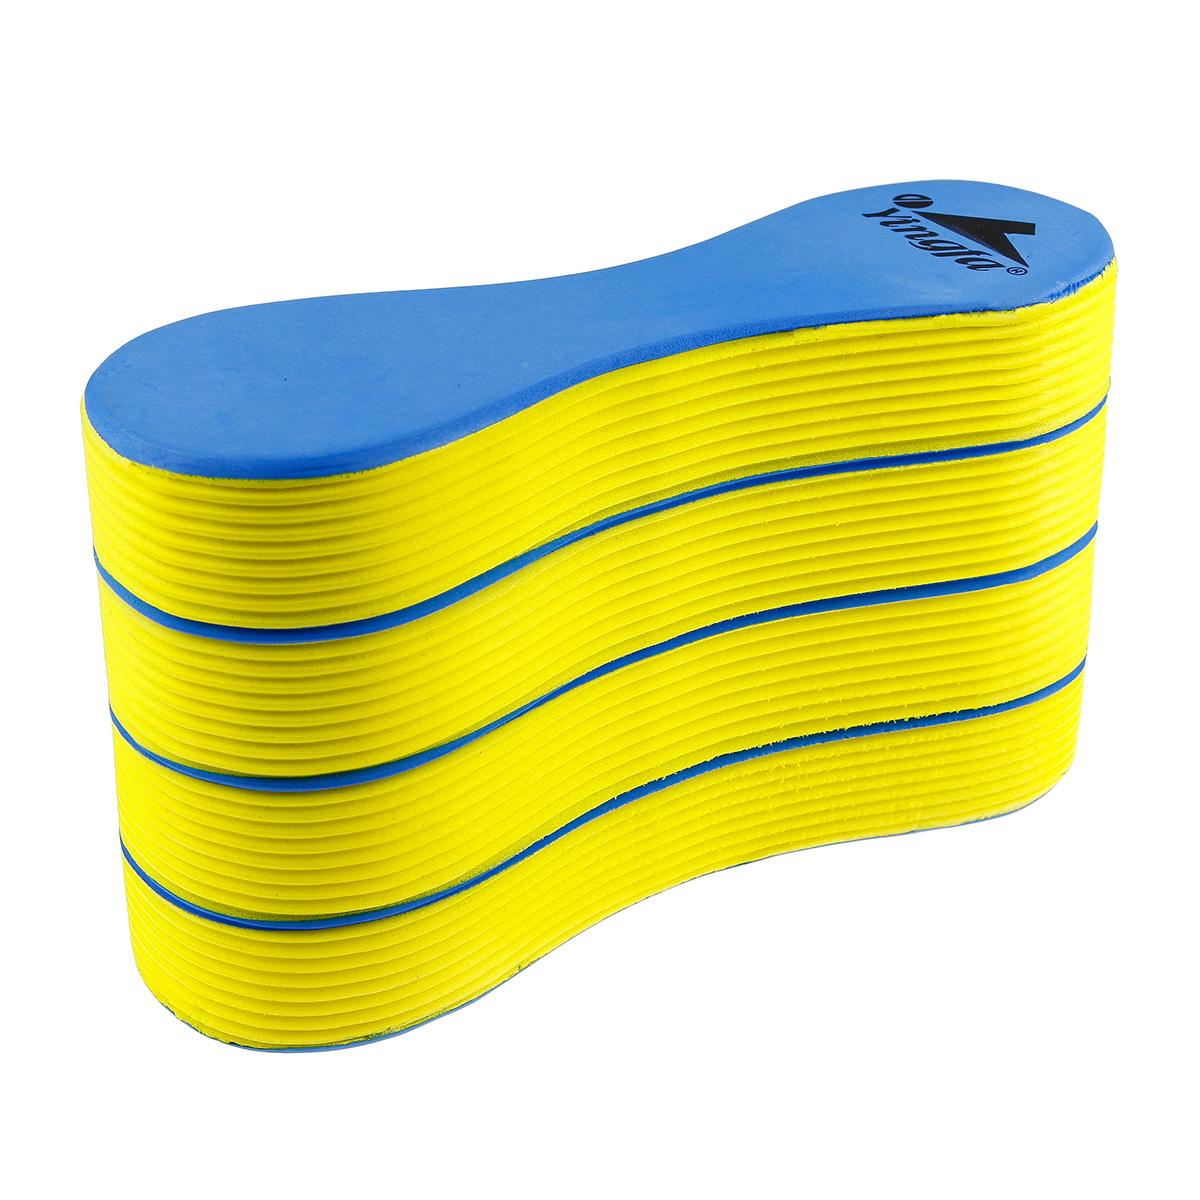 英發游泳浮板 八字板 夾腿板 練習手部動作 學游泳裝備 專業浮板